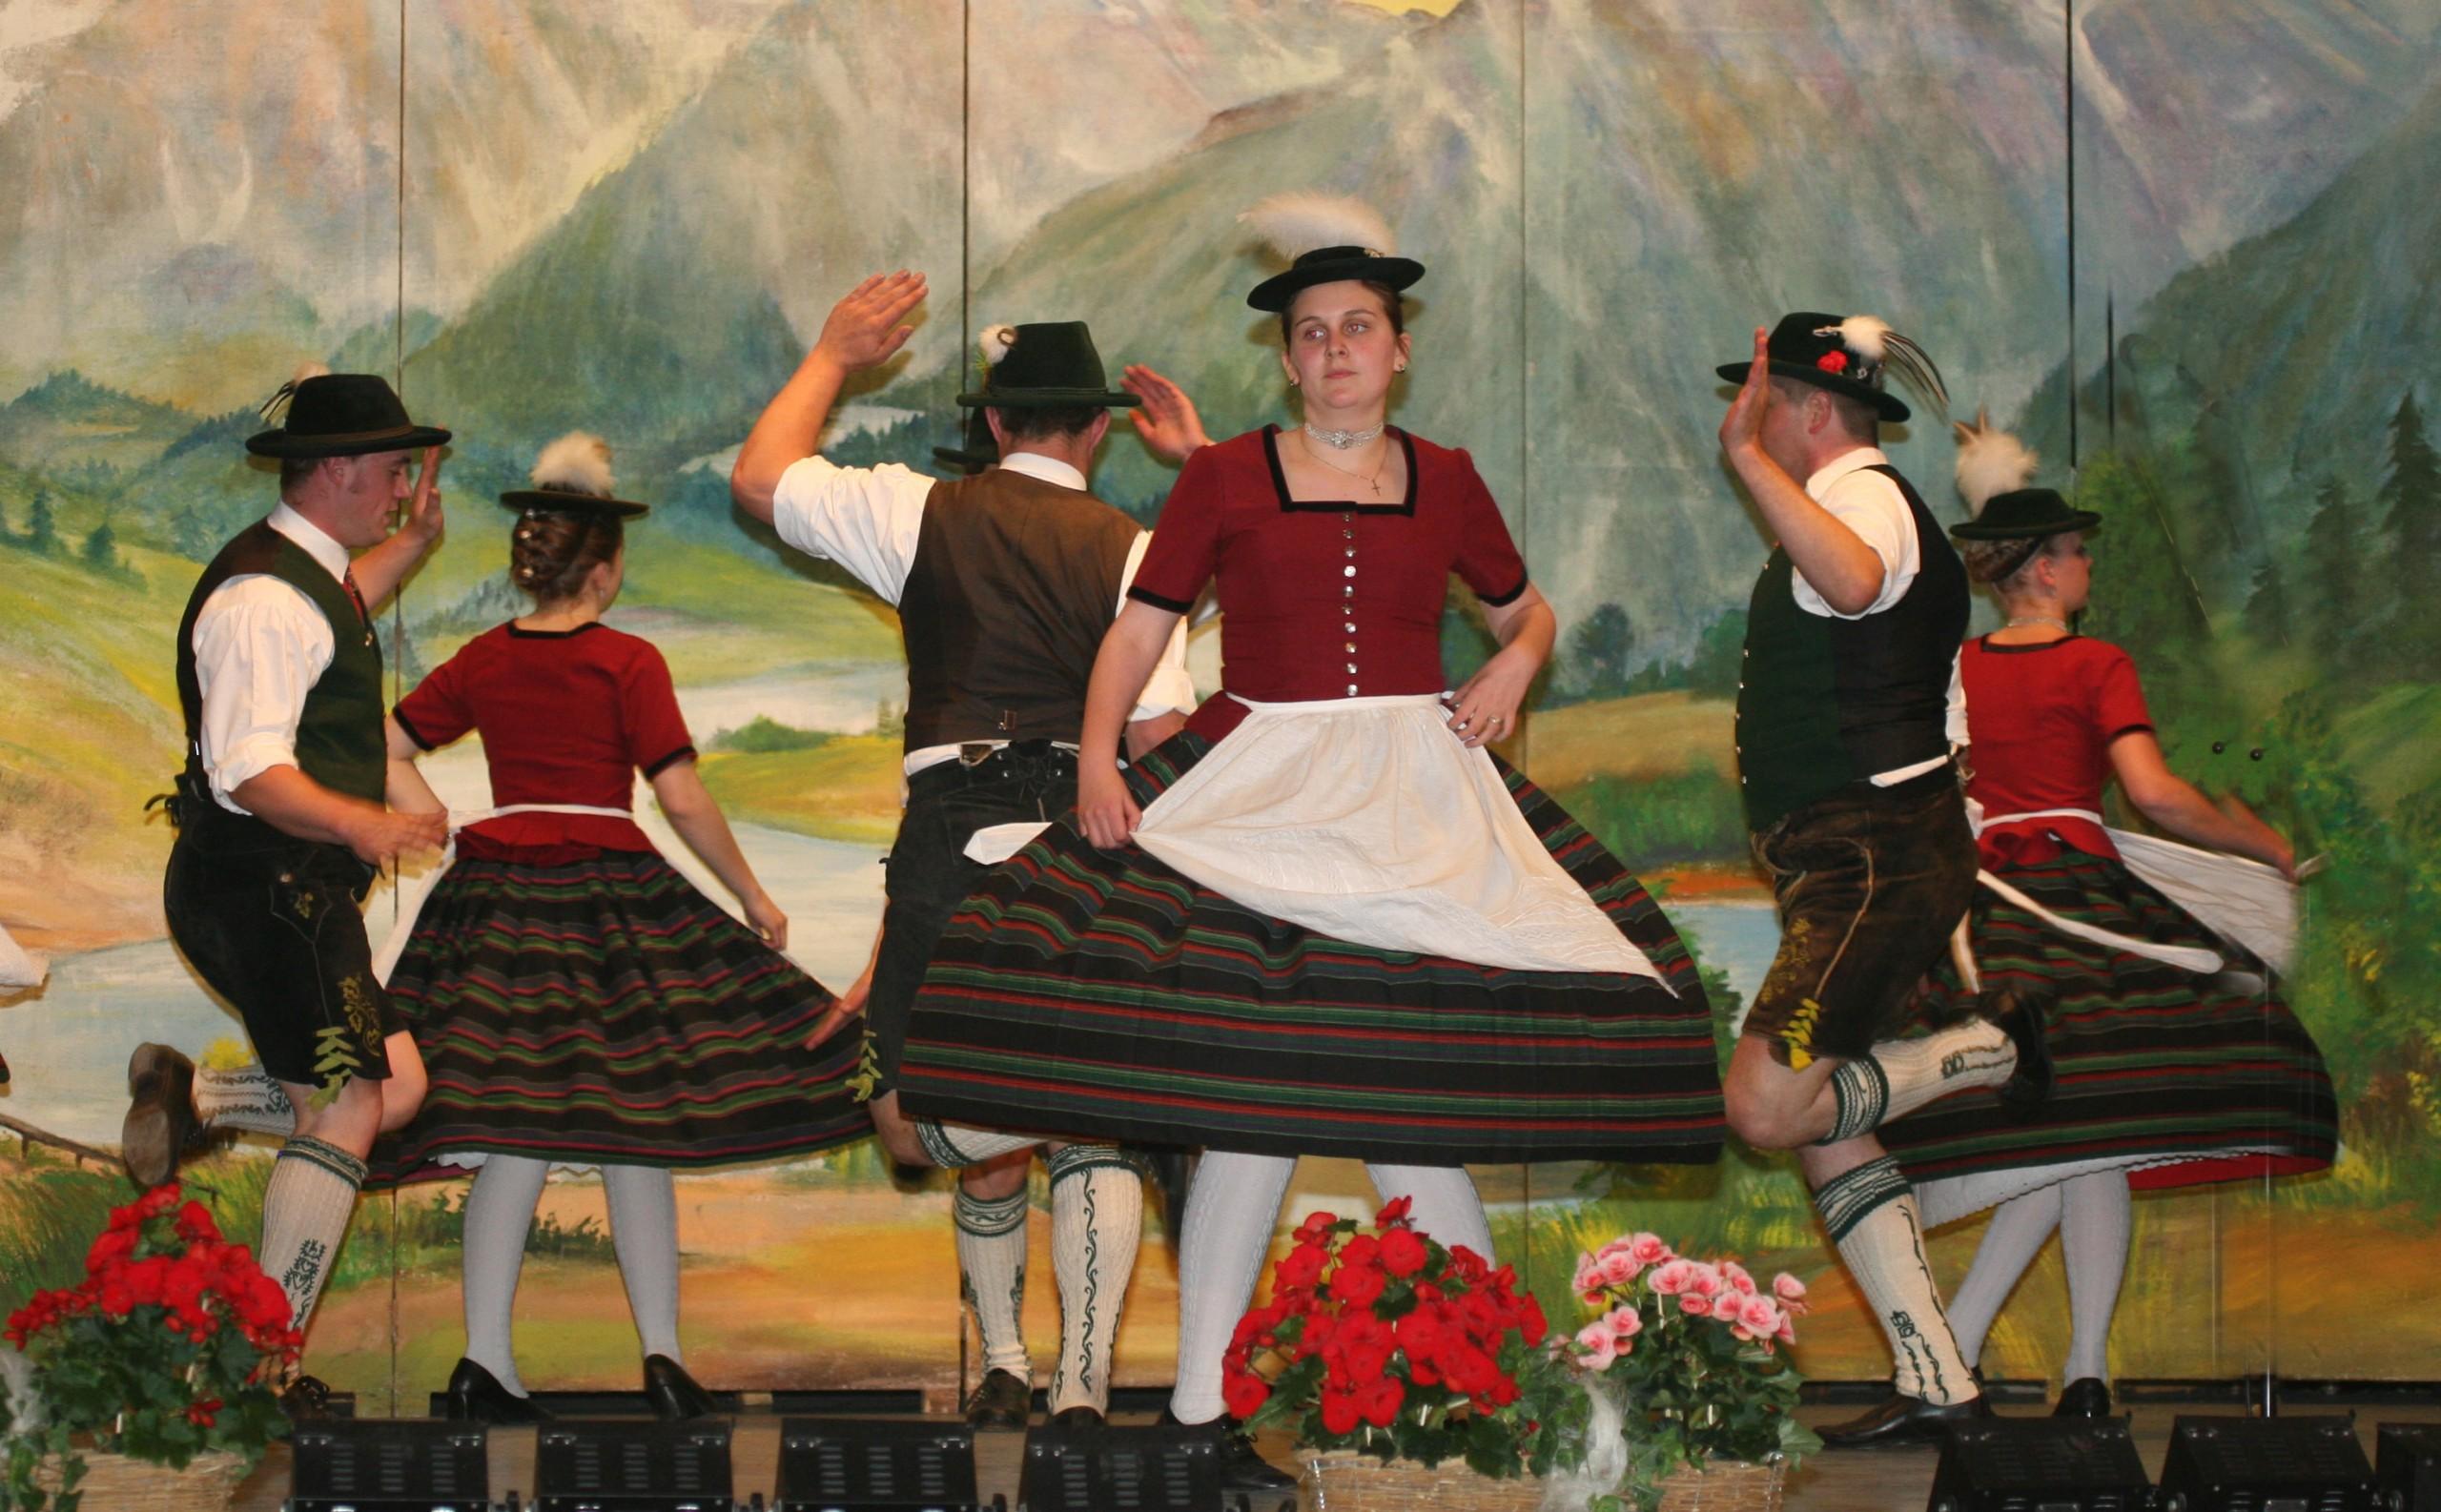 Tradition & Brauchtum in Bad Tölz